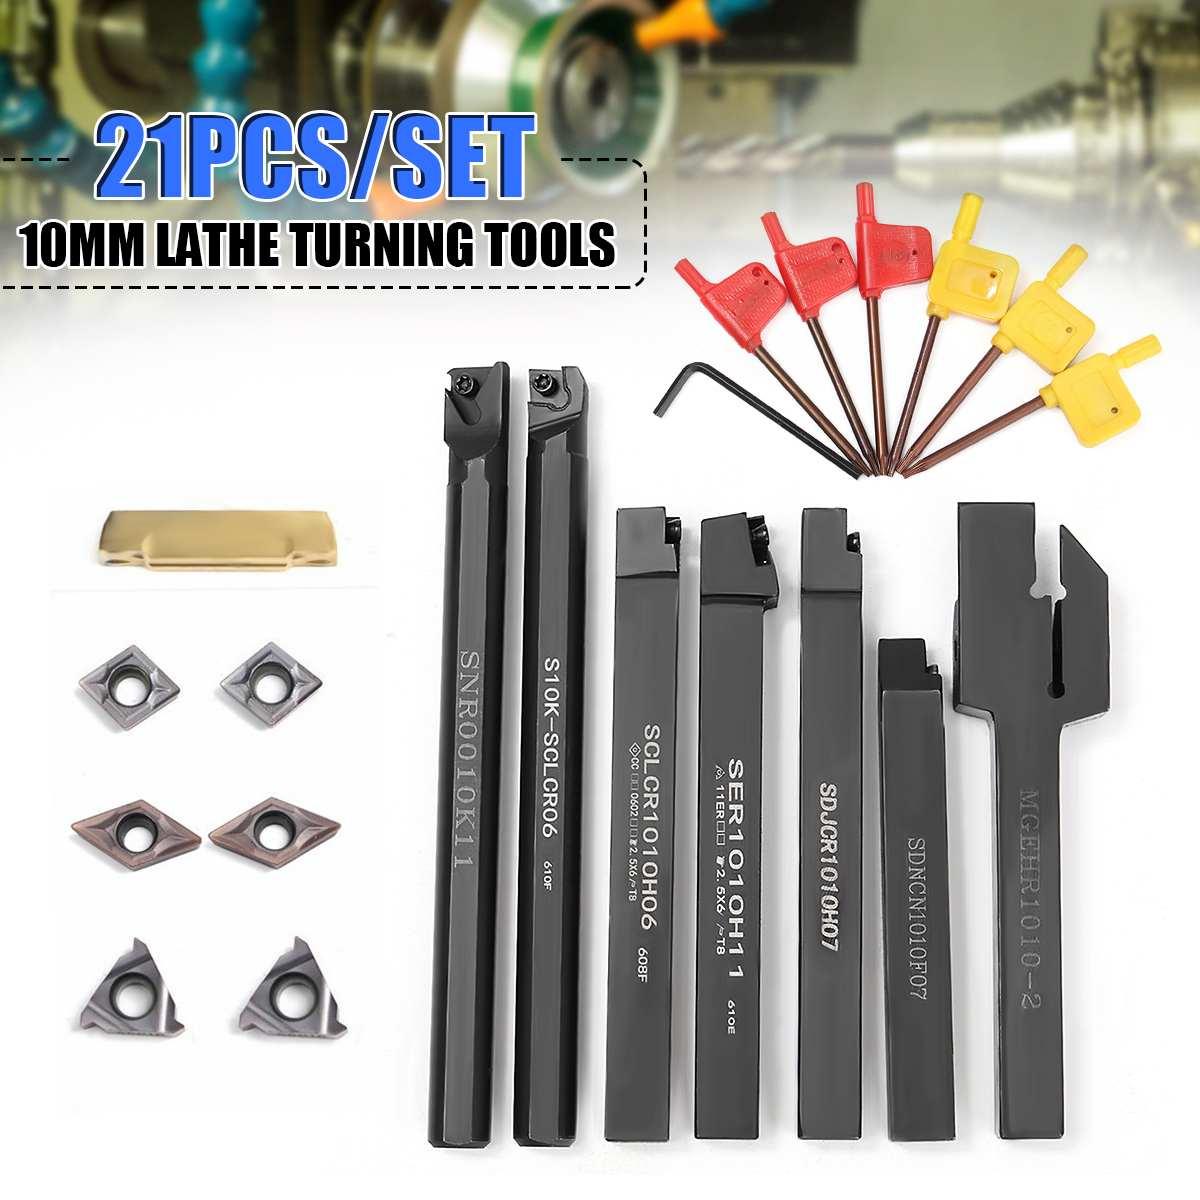 21 pçs/set 10 milímetros Ferramenta Chato Titular Bar + DCMT Inserir Carboneto CCMT com 7 peças Chaves Para Torno Virando ferramentas